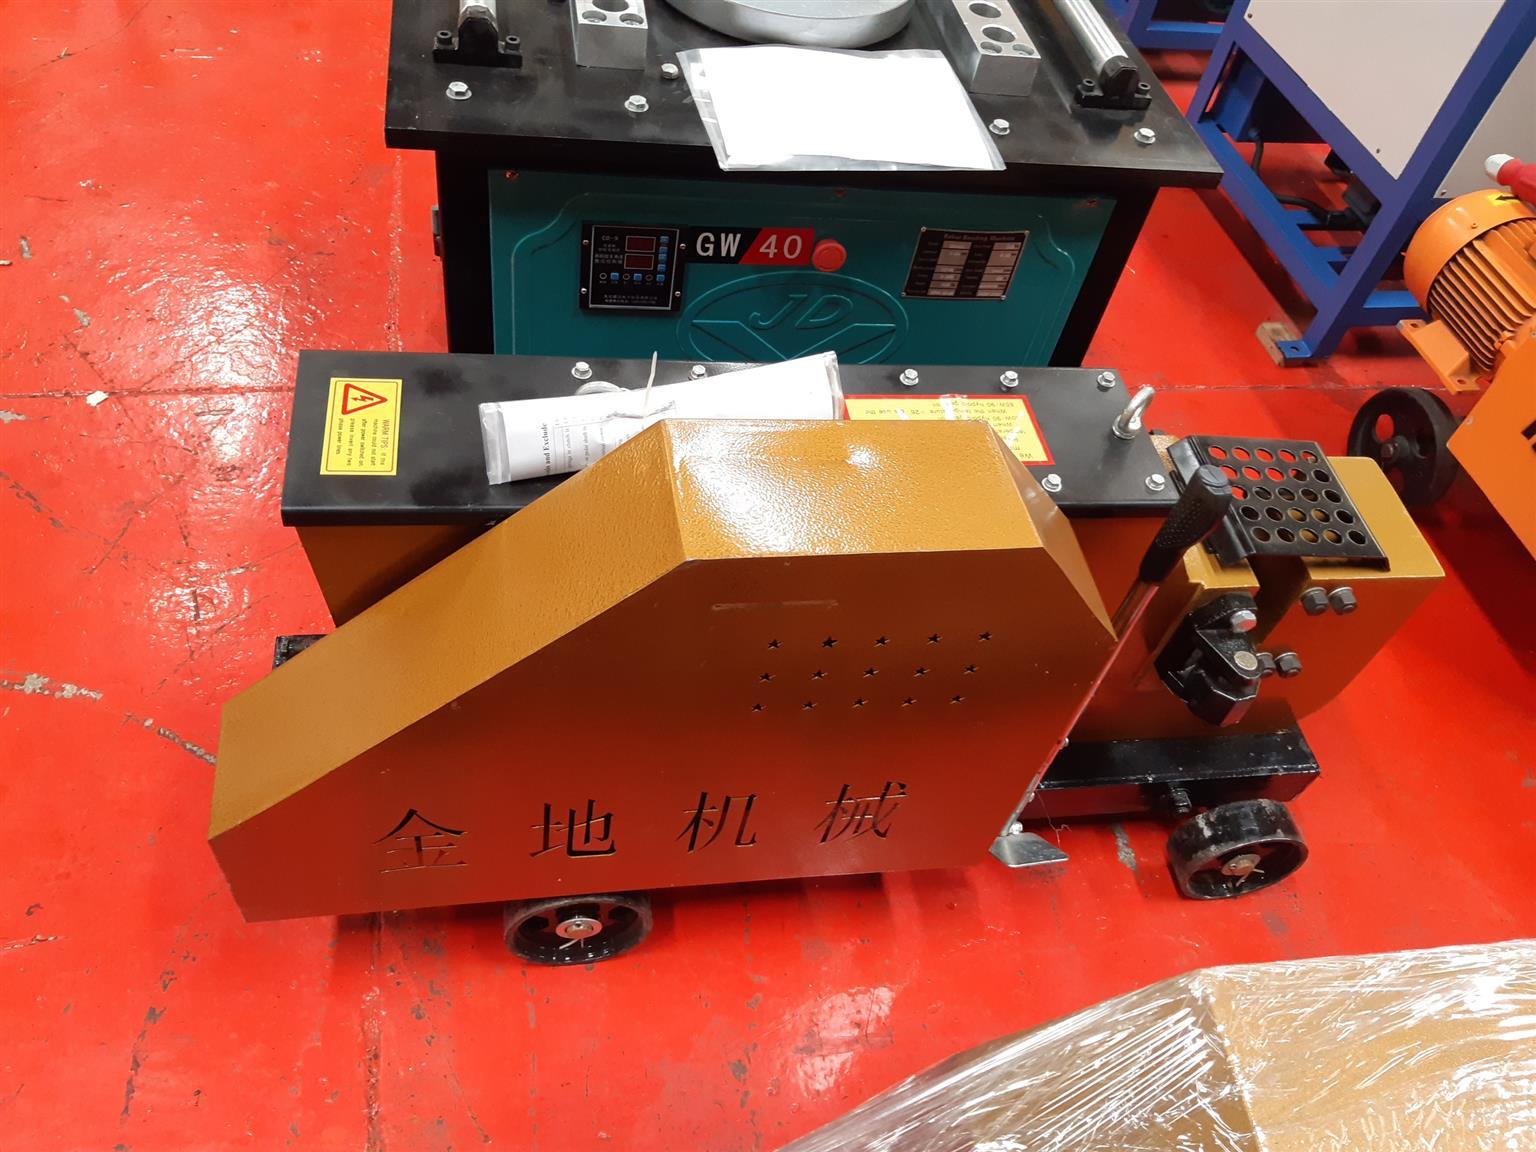 New rebar cutter GQ-40